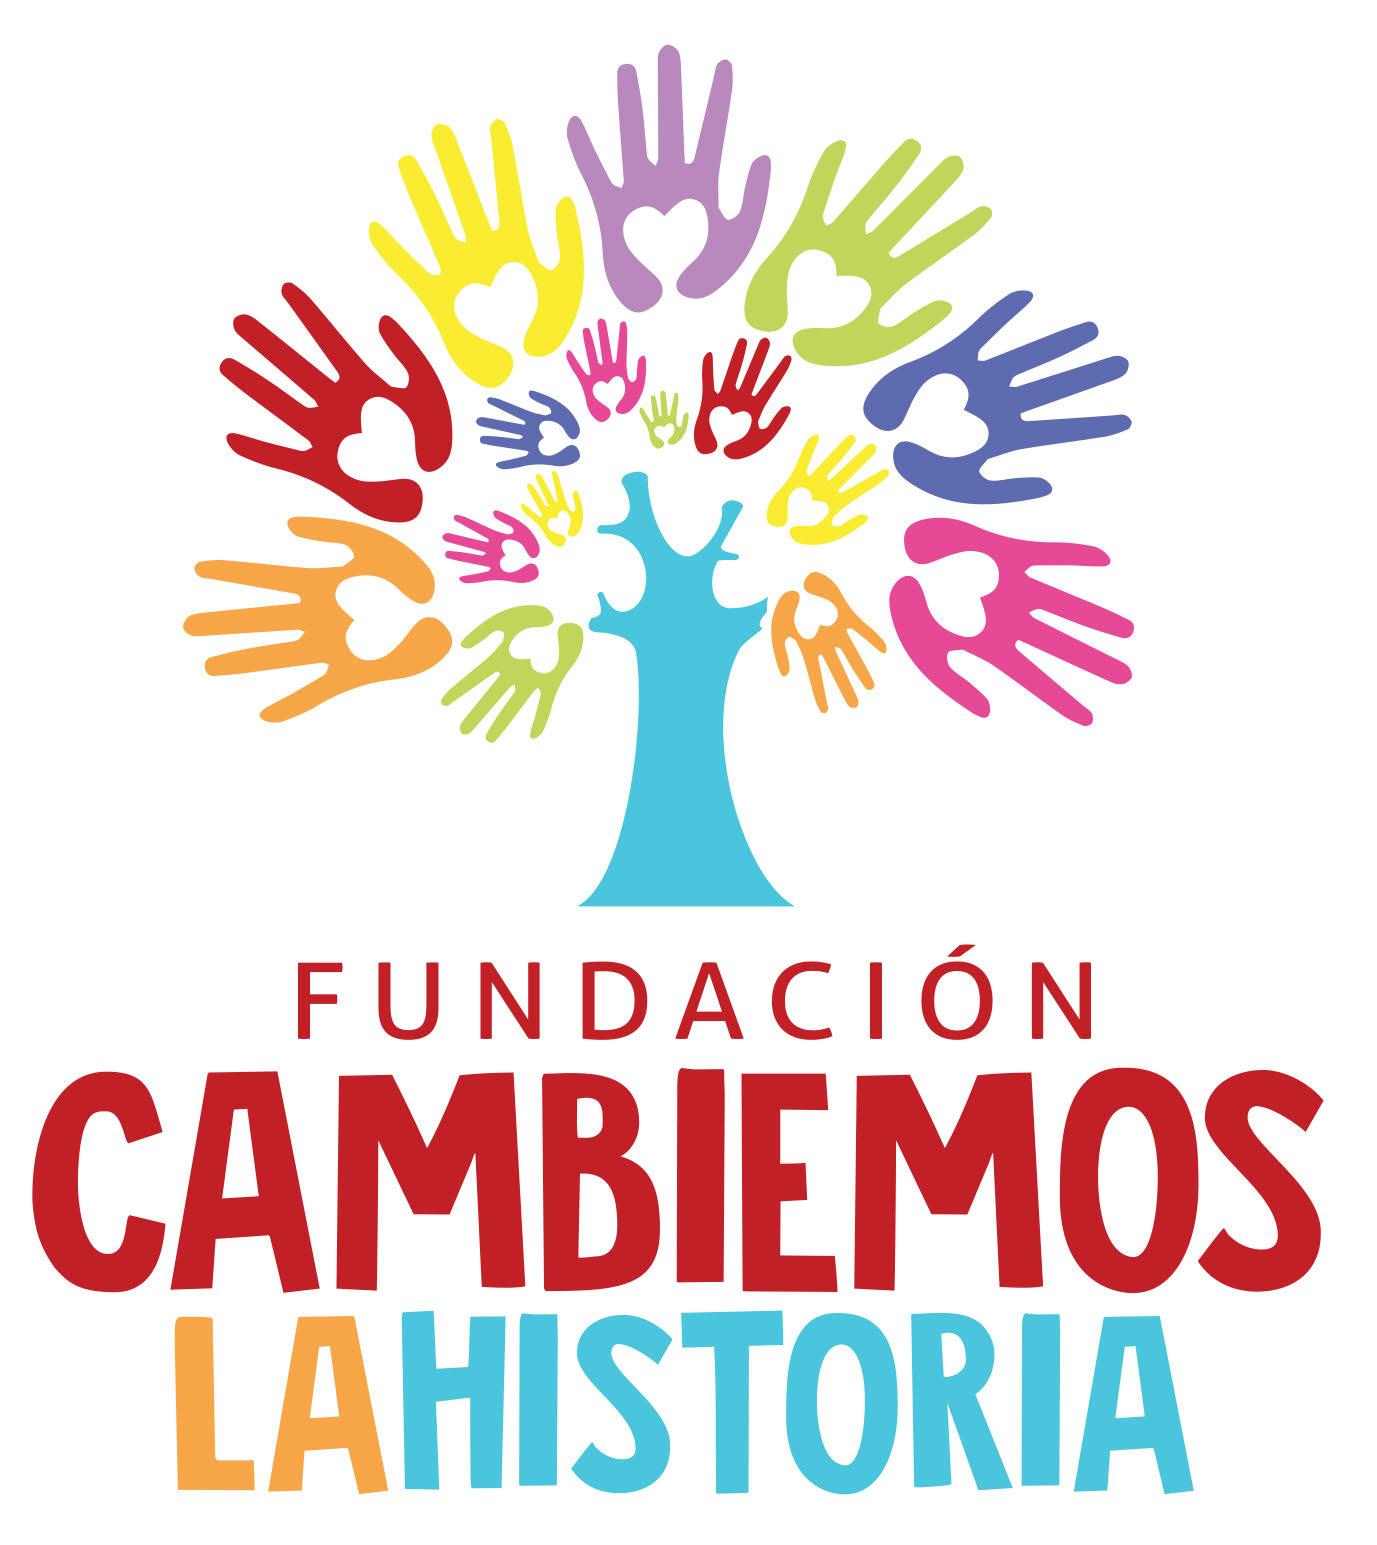 Fundación Cambiemos la historia